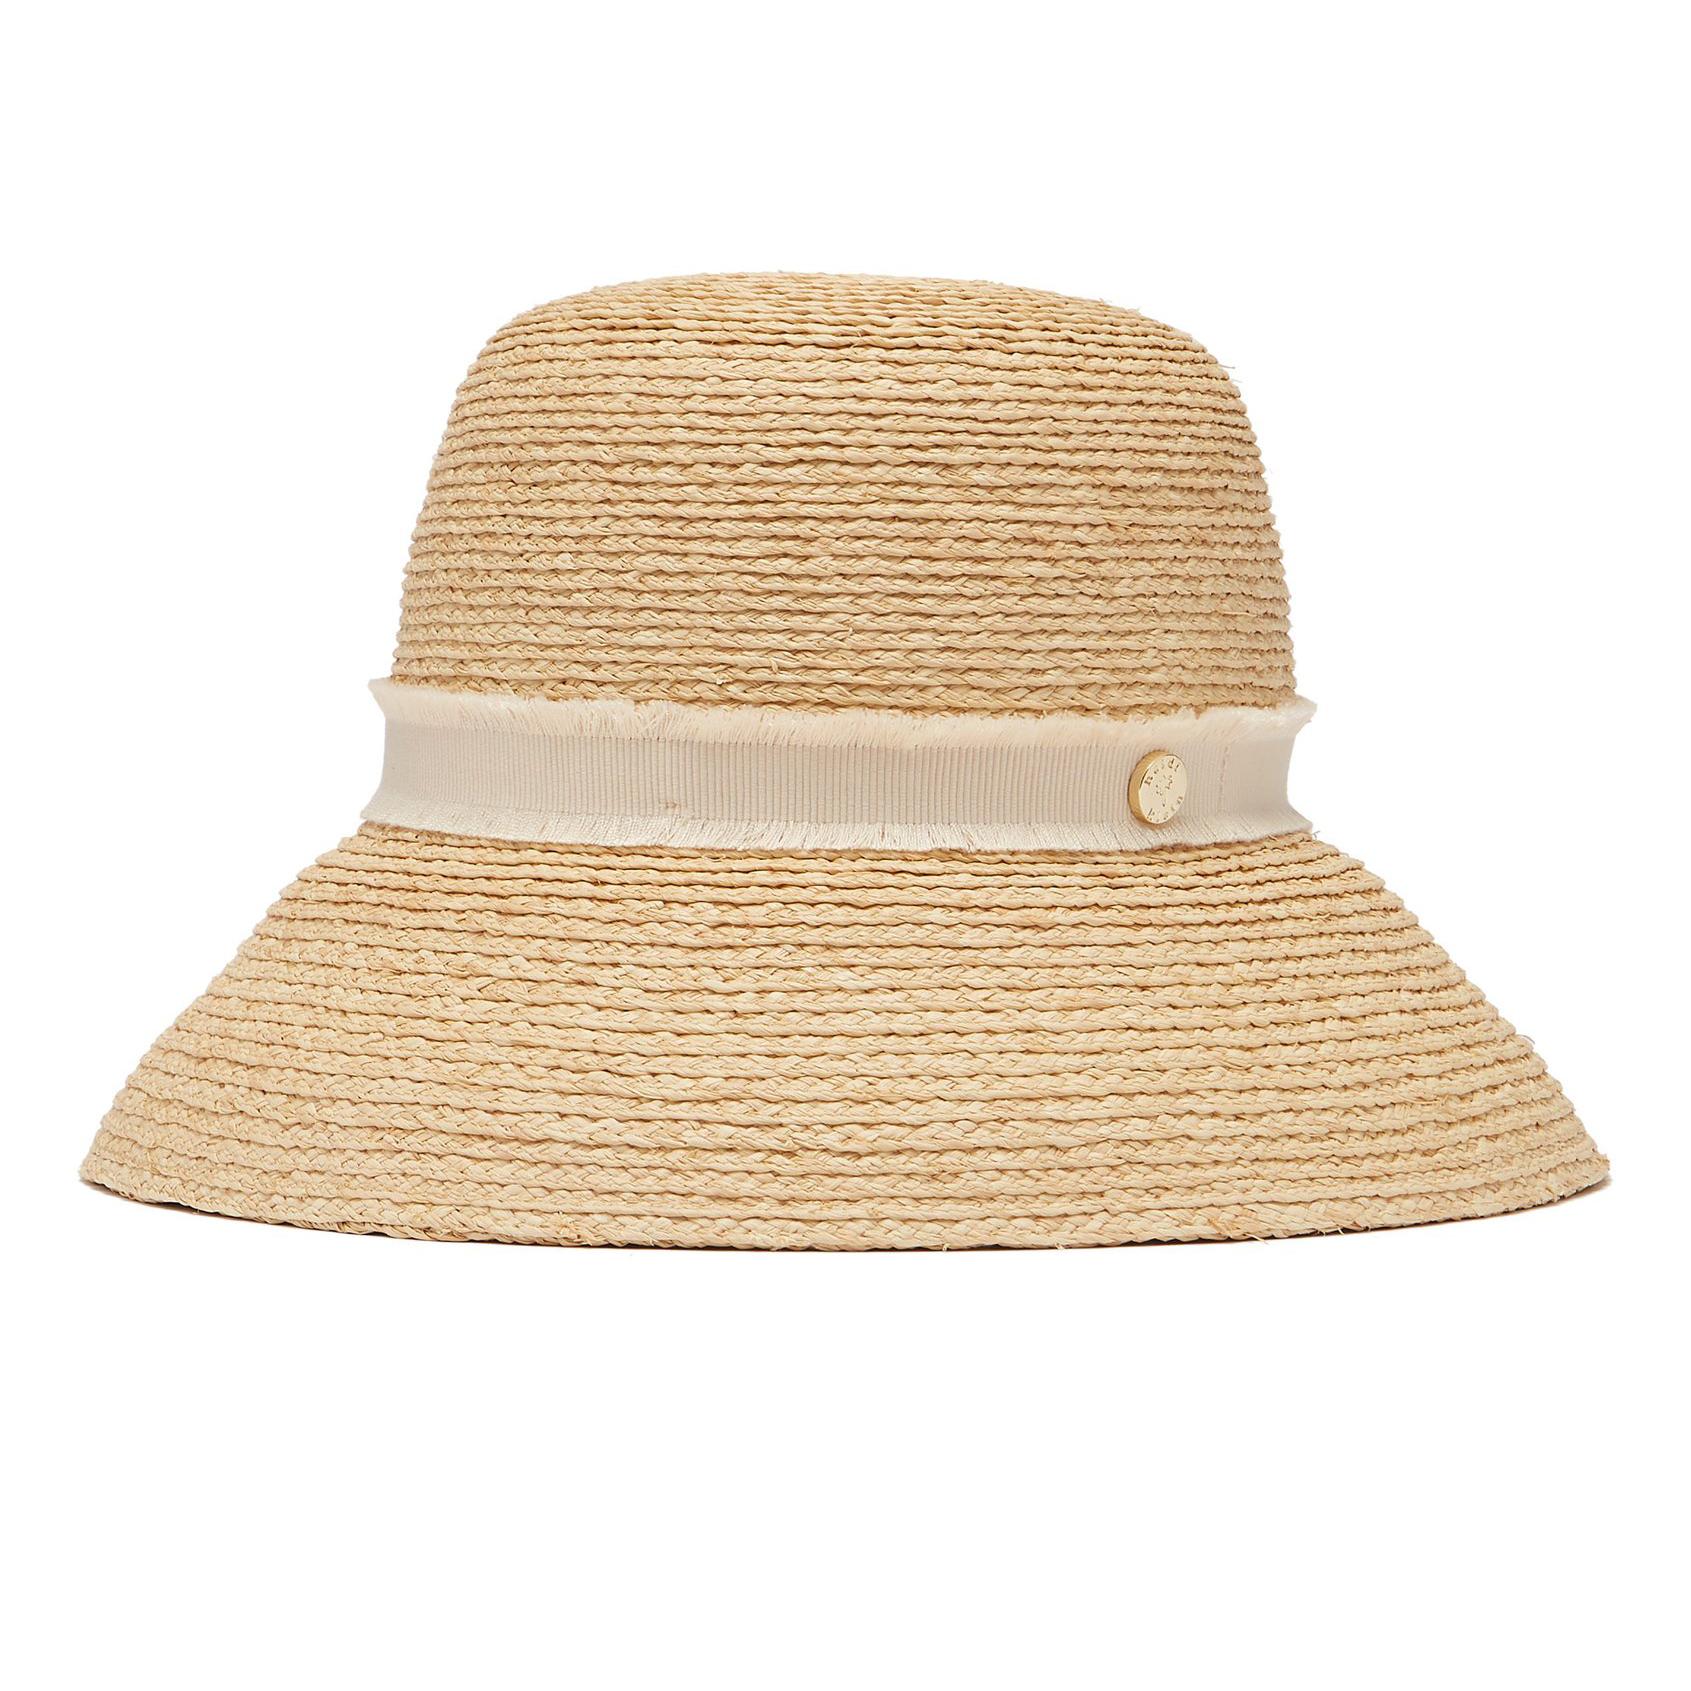 Heidi Klein Cape Elizabeth Straw Hat